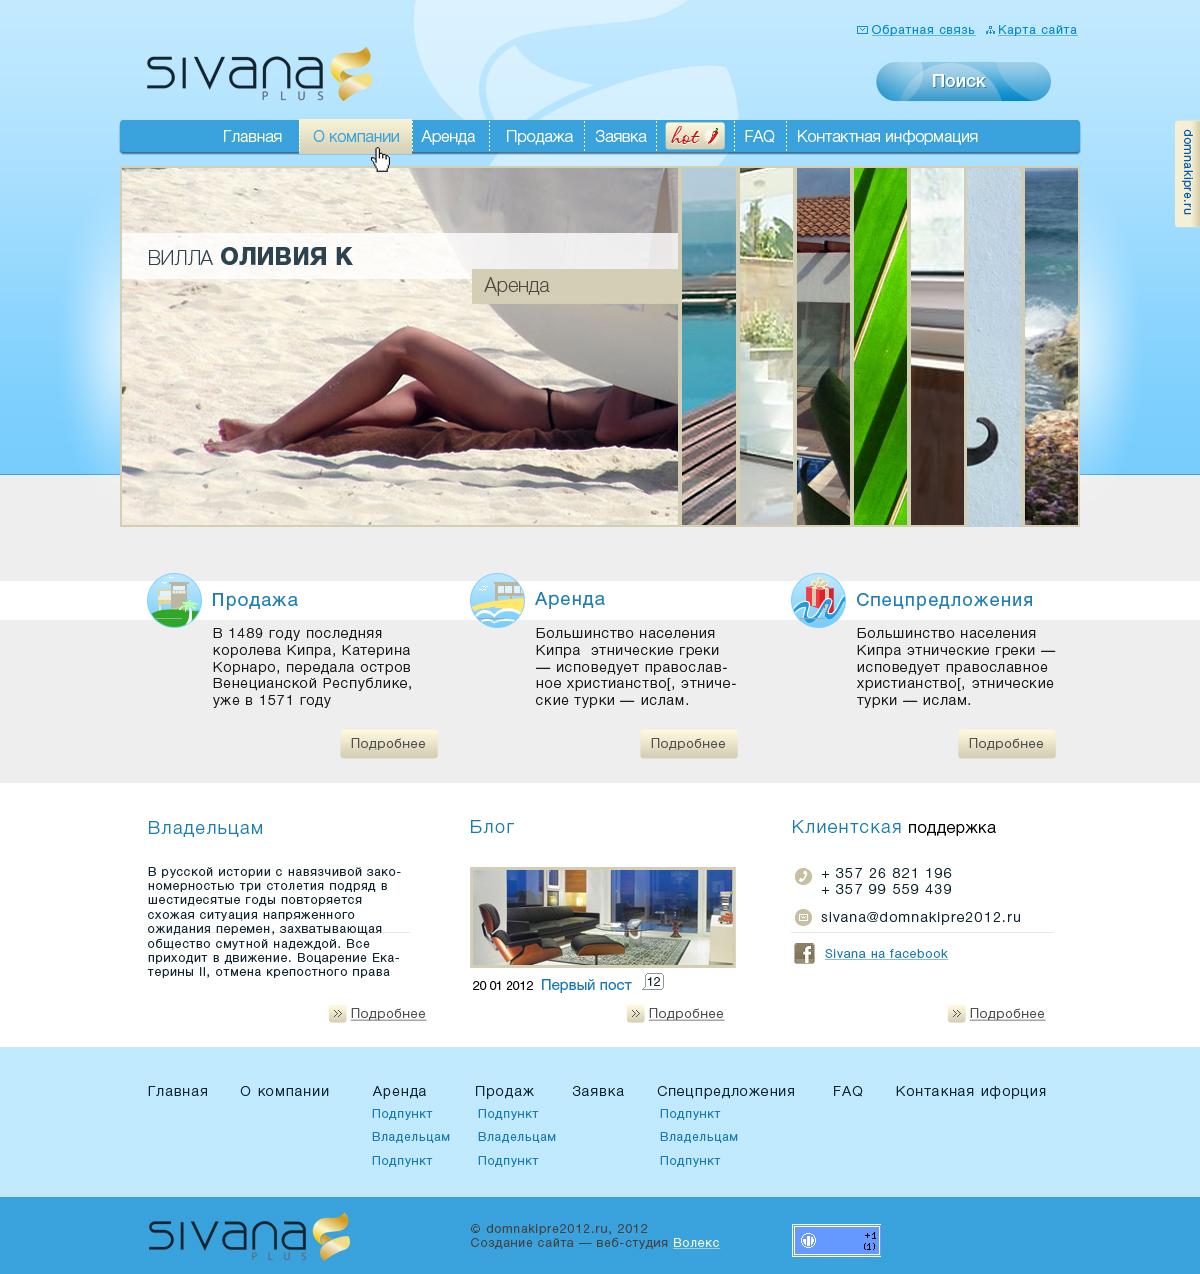 Задание на разработку дизайна сайта